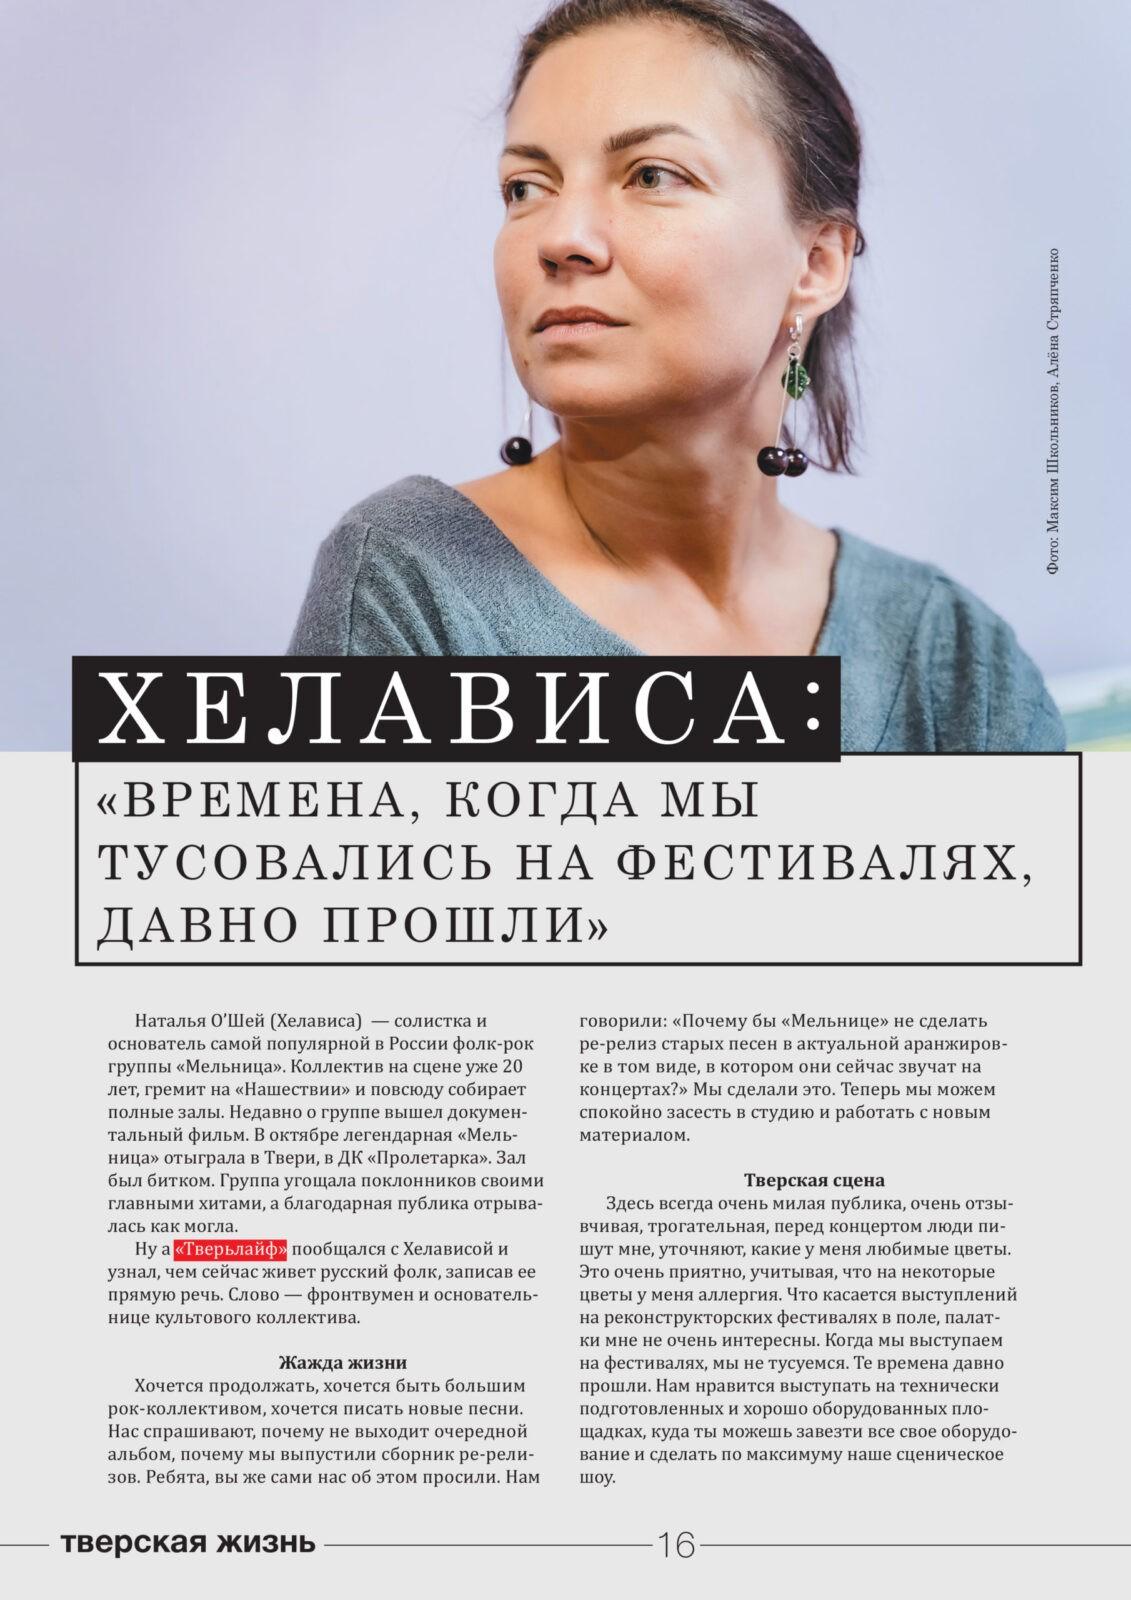 Хелависа: «Времена, когда мы тусовались на фестивалях, давно прошли»